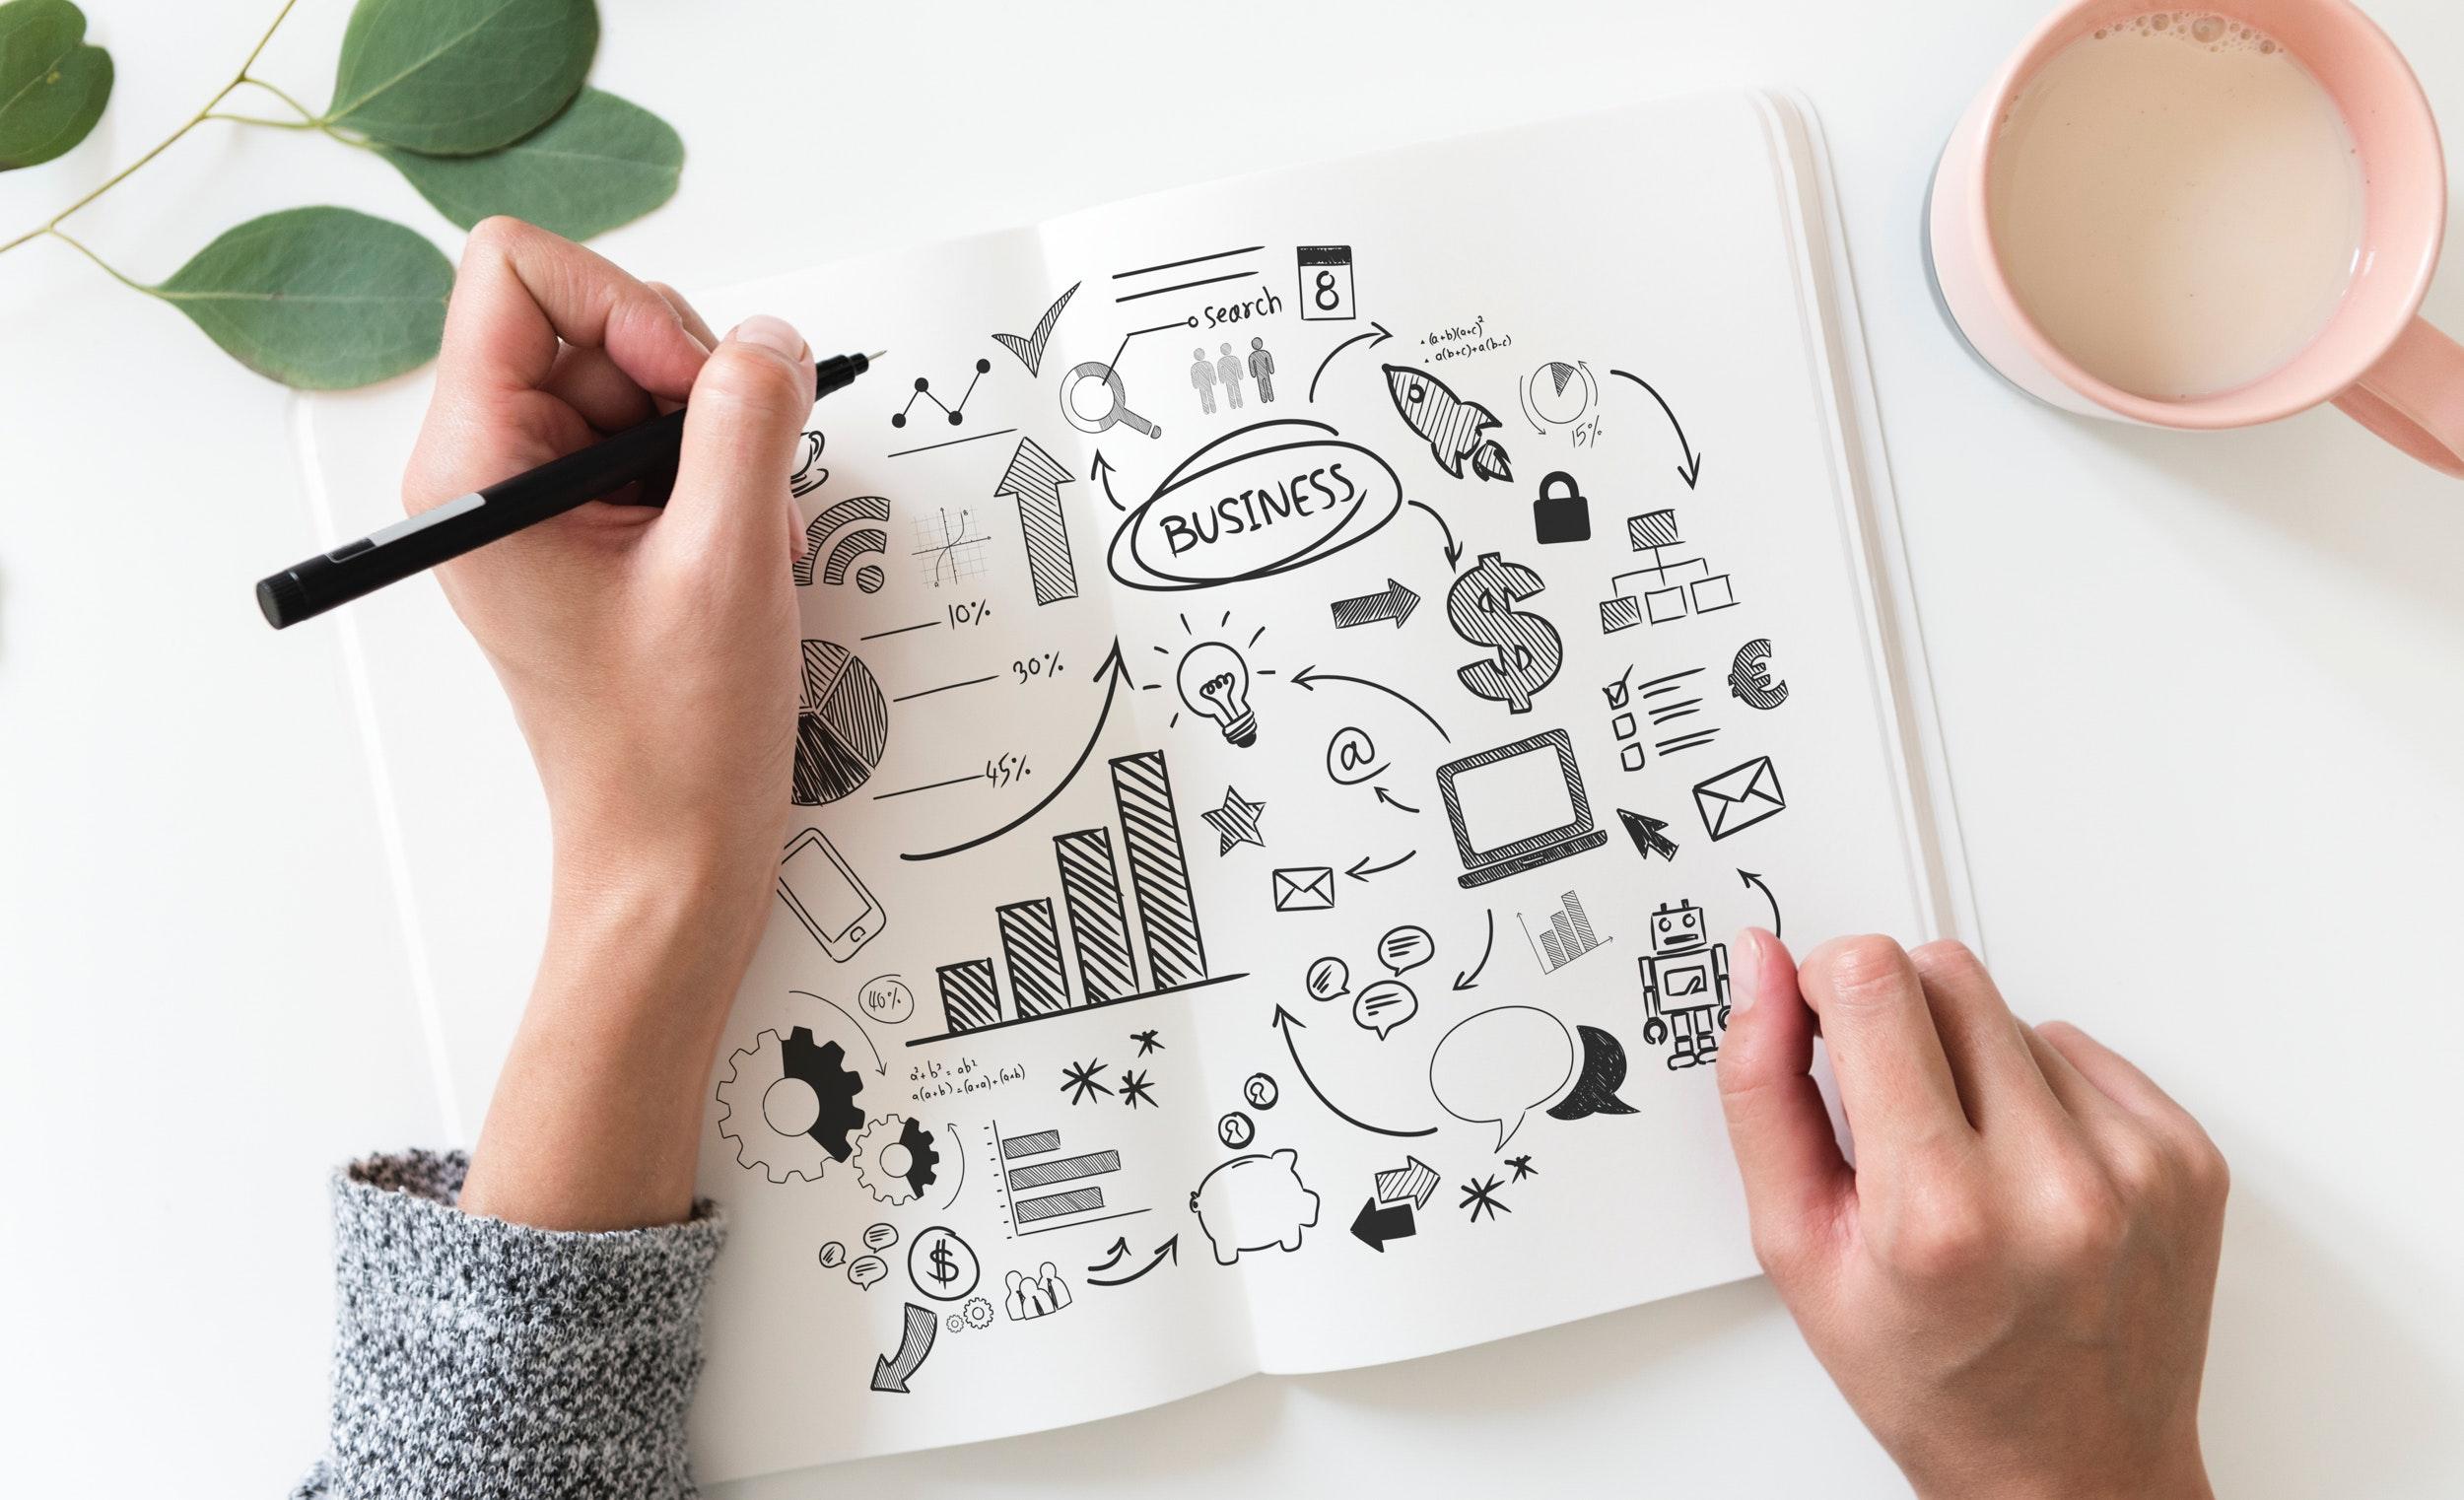 Een goede propositie is de basis voor groei van jouw business.